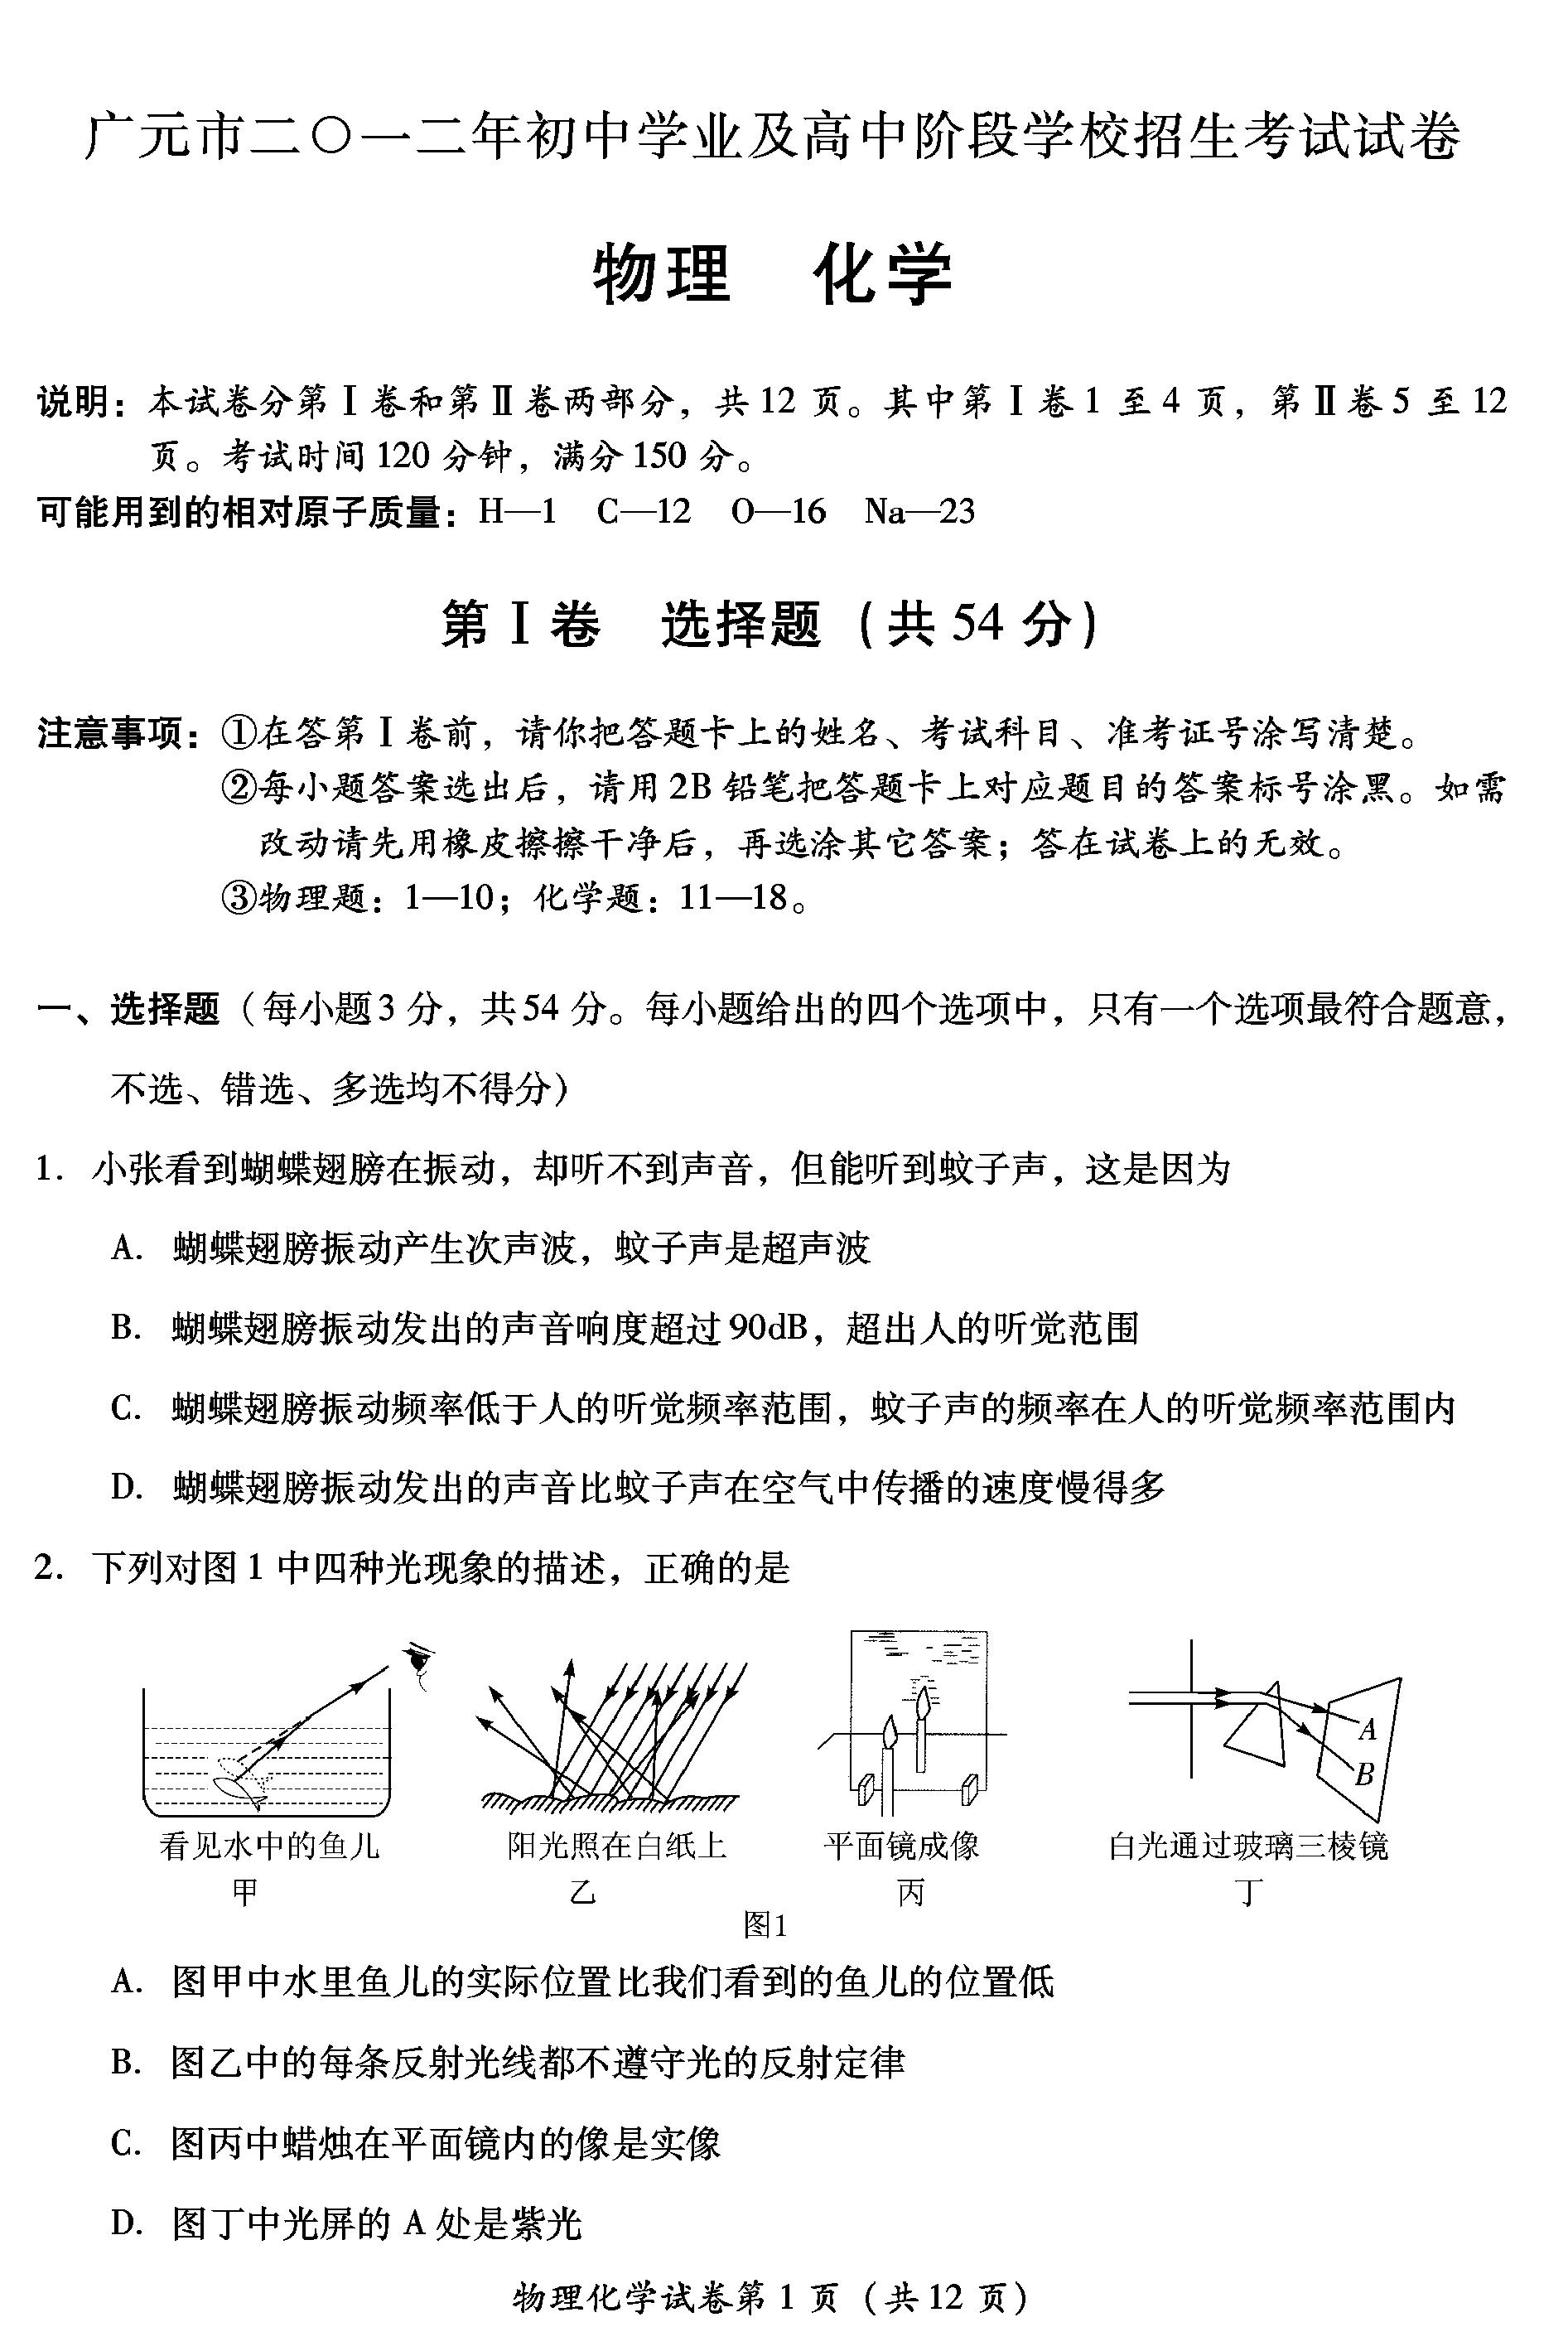 2012年四川省廣元市中考物理化學夢想及答案初中作文的試卷遠方800圖片